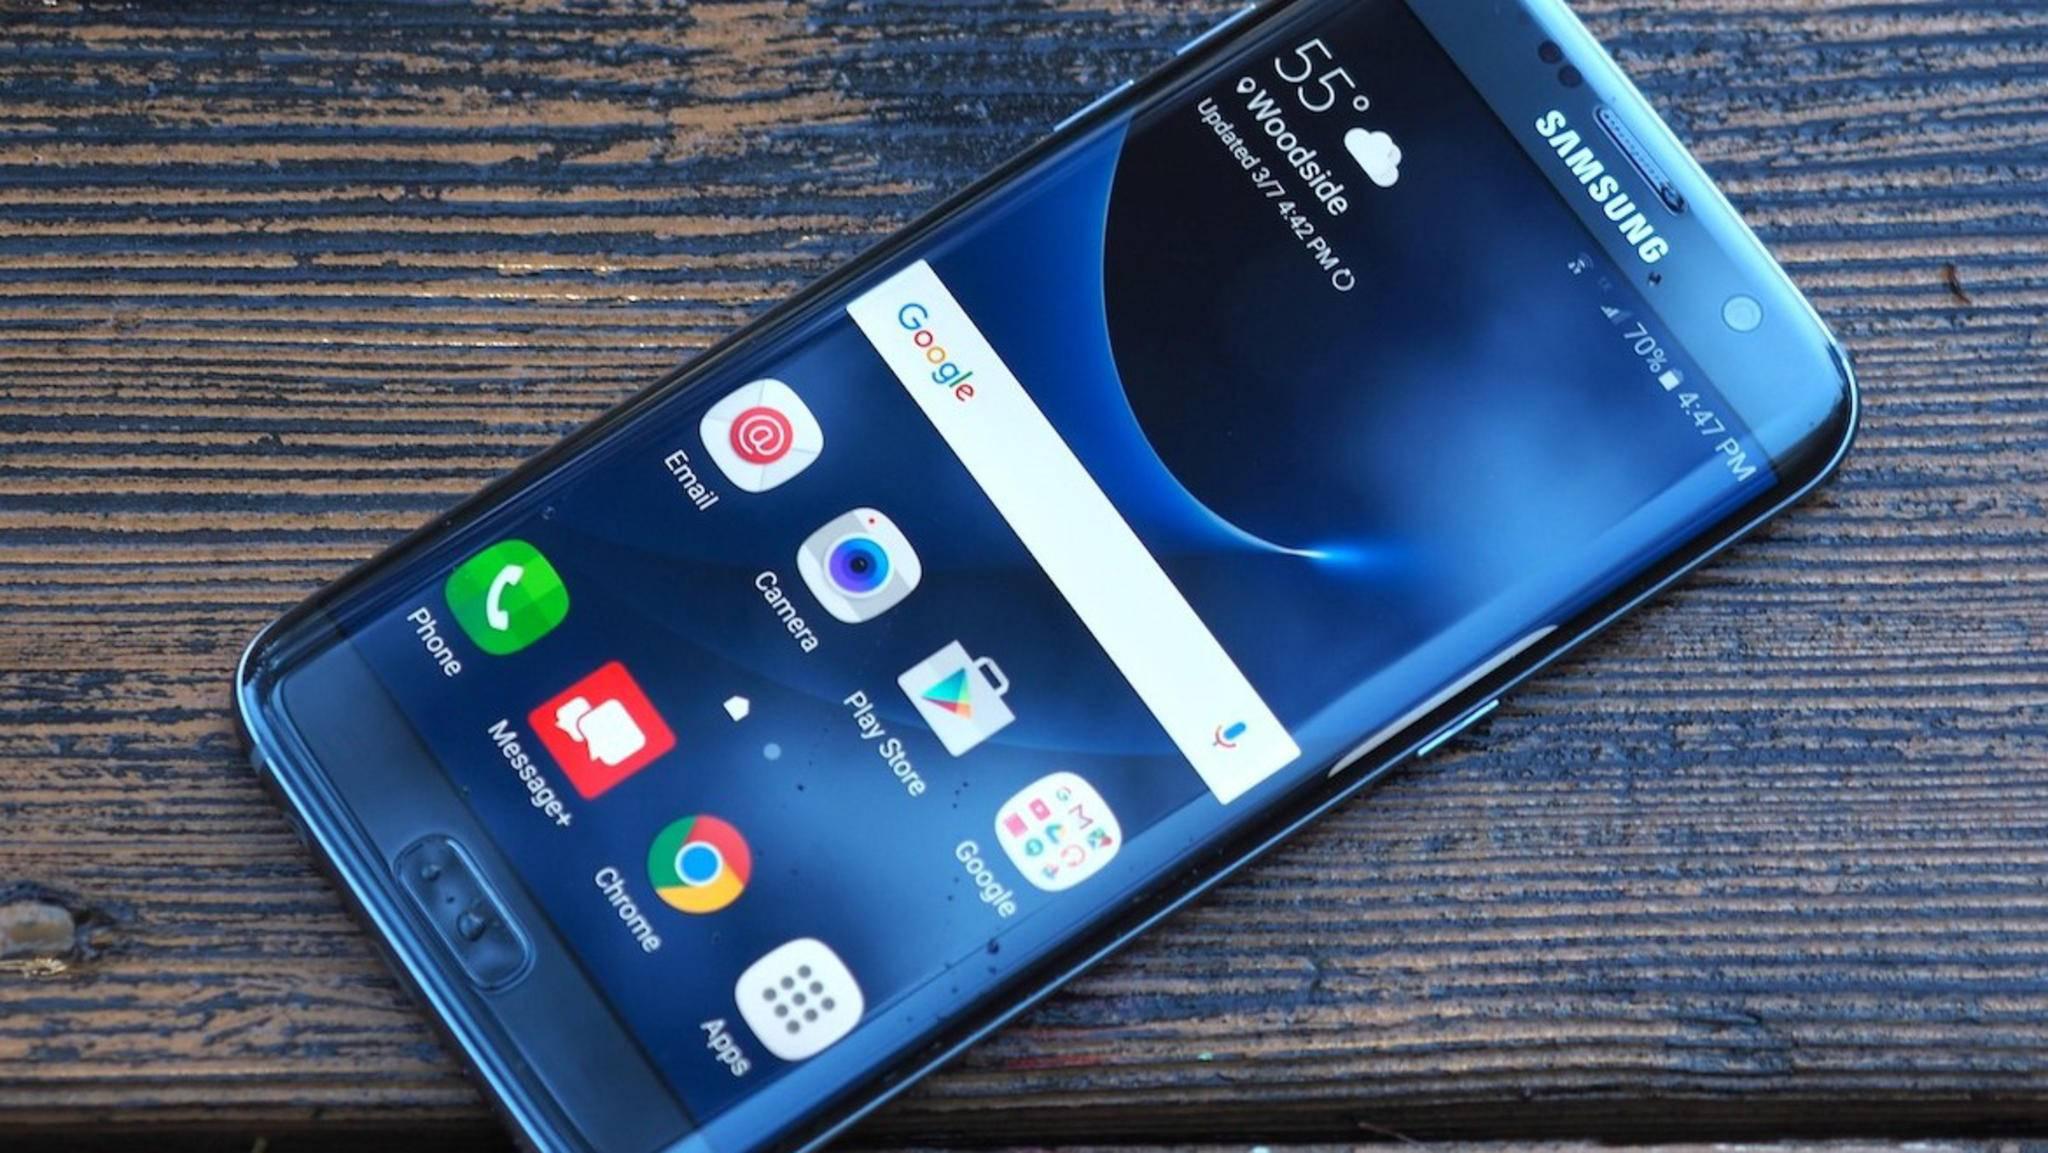 Das Galaxy S7 Edge in Blue Coral: Demnächst wohl auch in Deutschland.